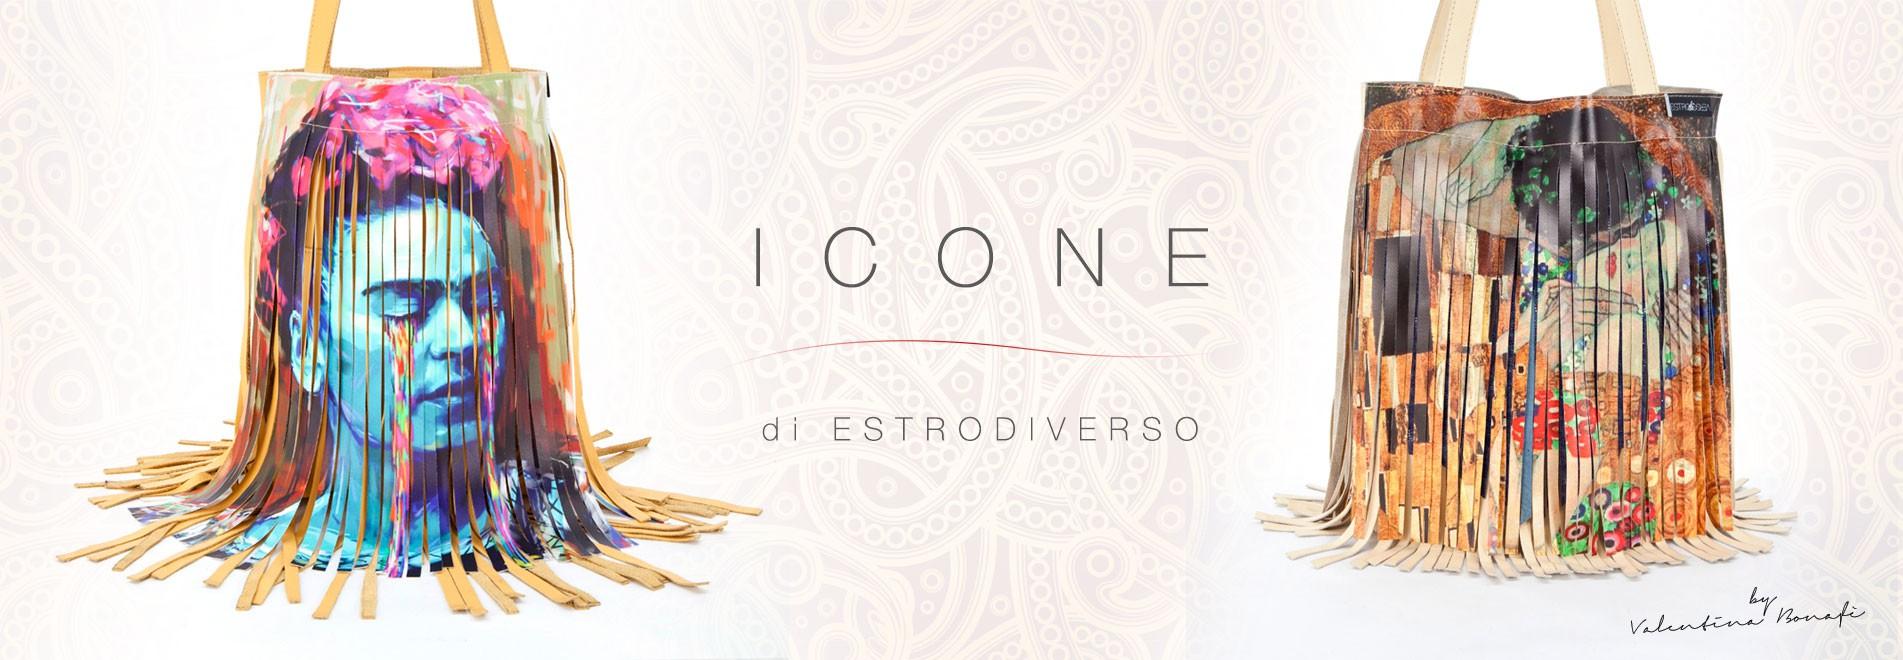 Icone - EstroDiverso